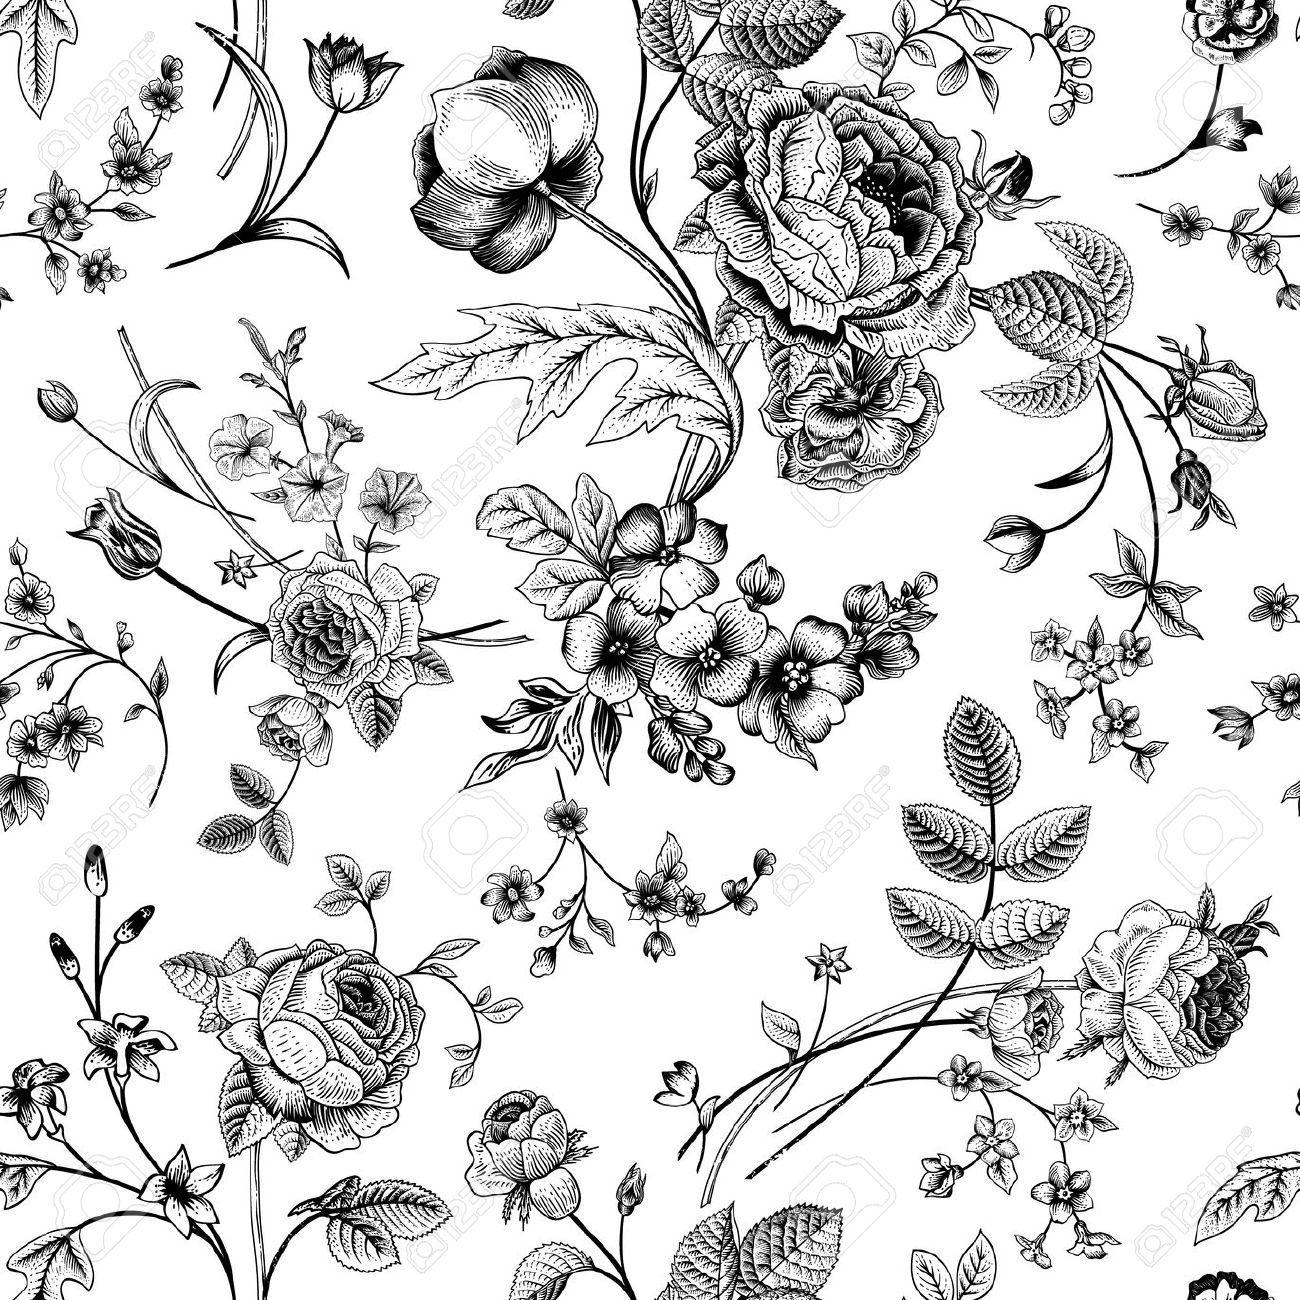 Stock Vector in 2020 Botanical illustration black, white